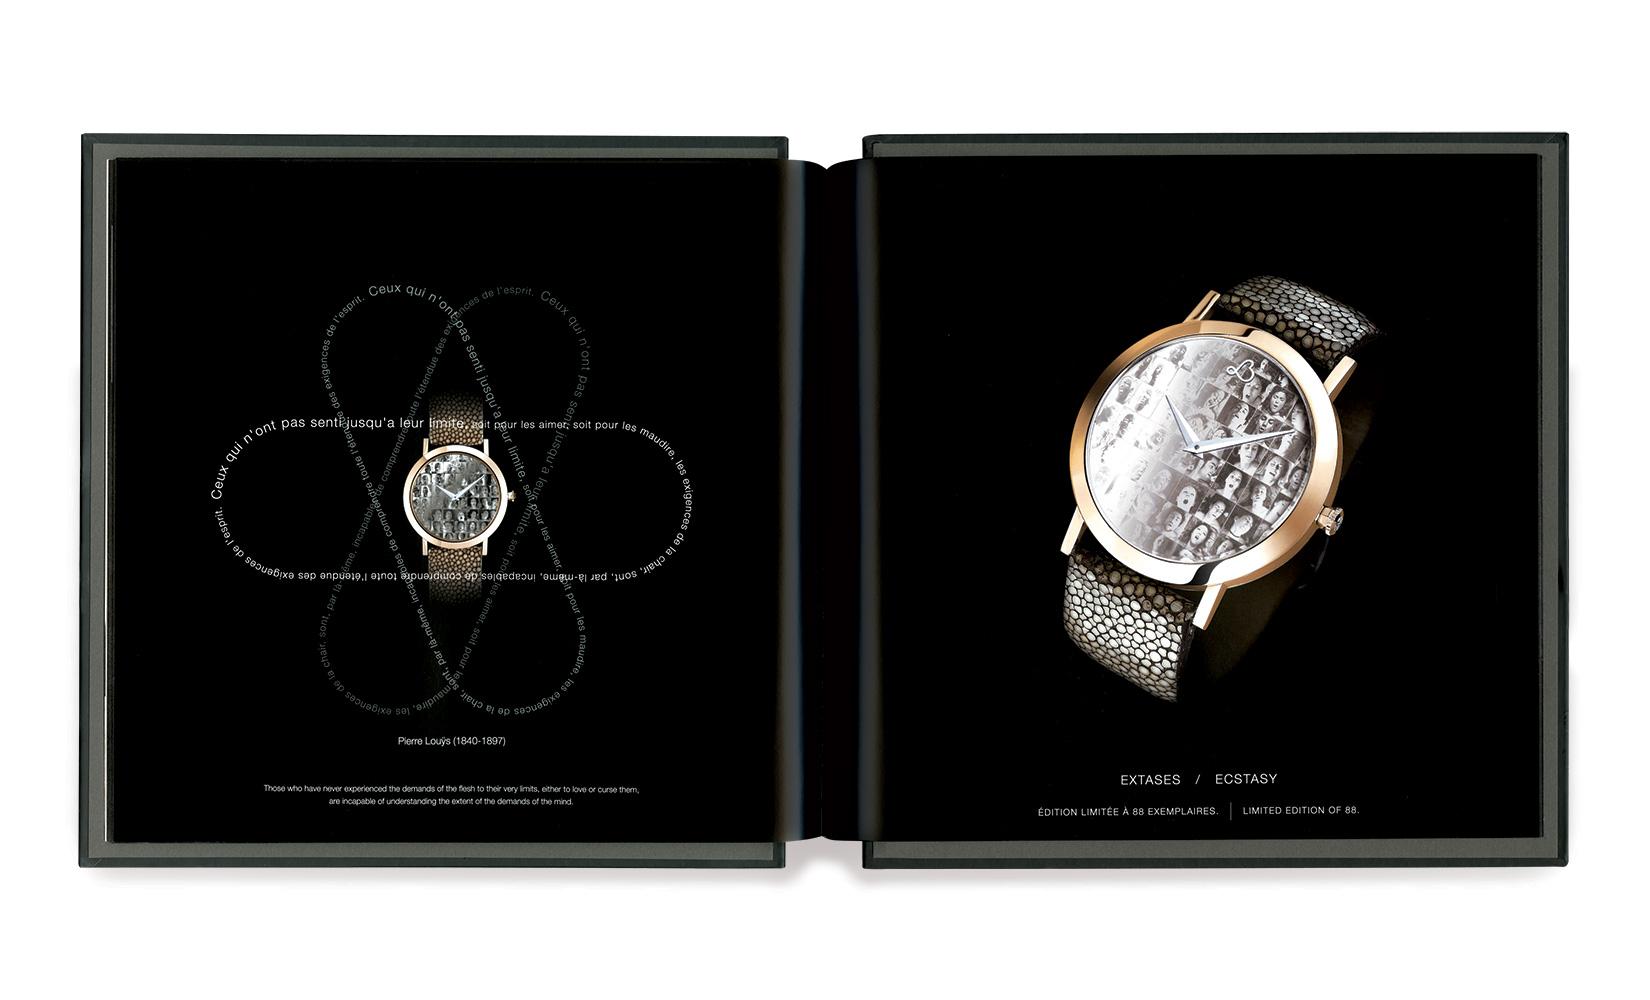 Lorenz-baumer-montres-p4.jpg